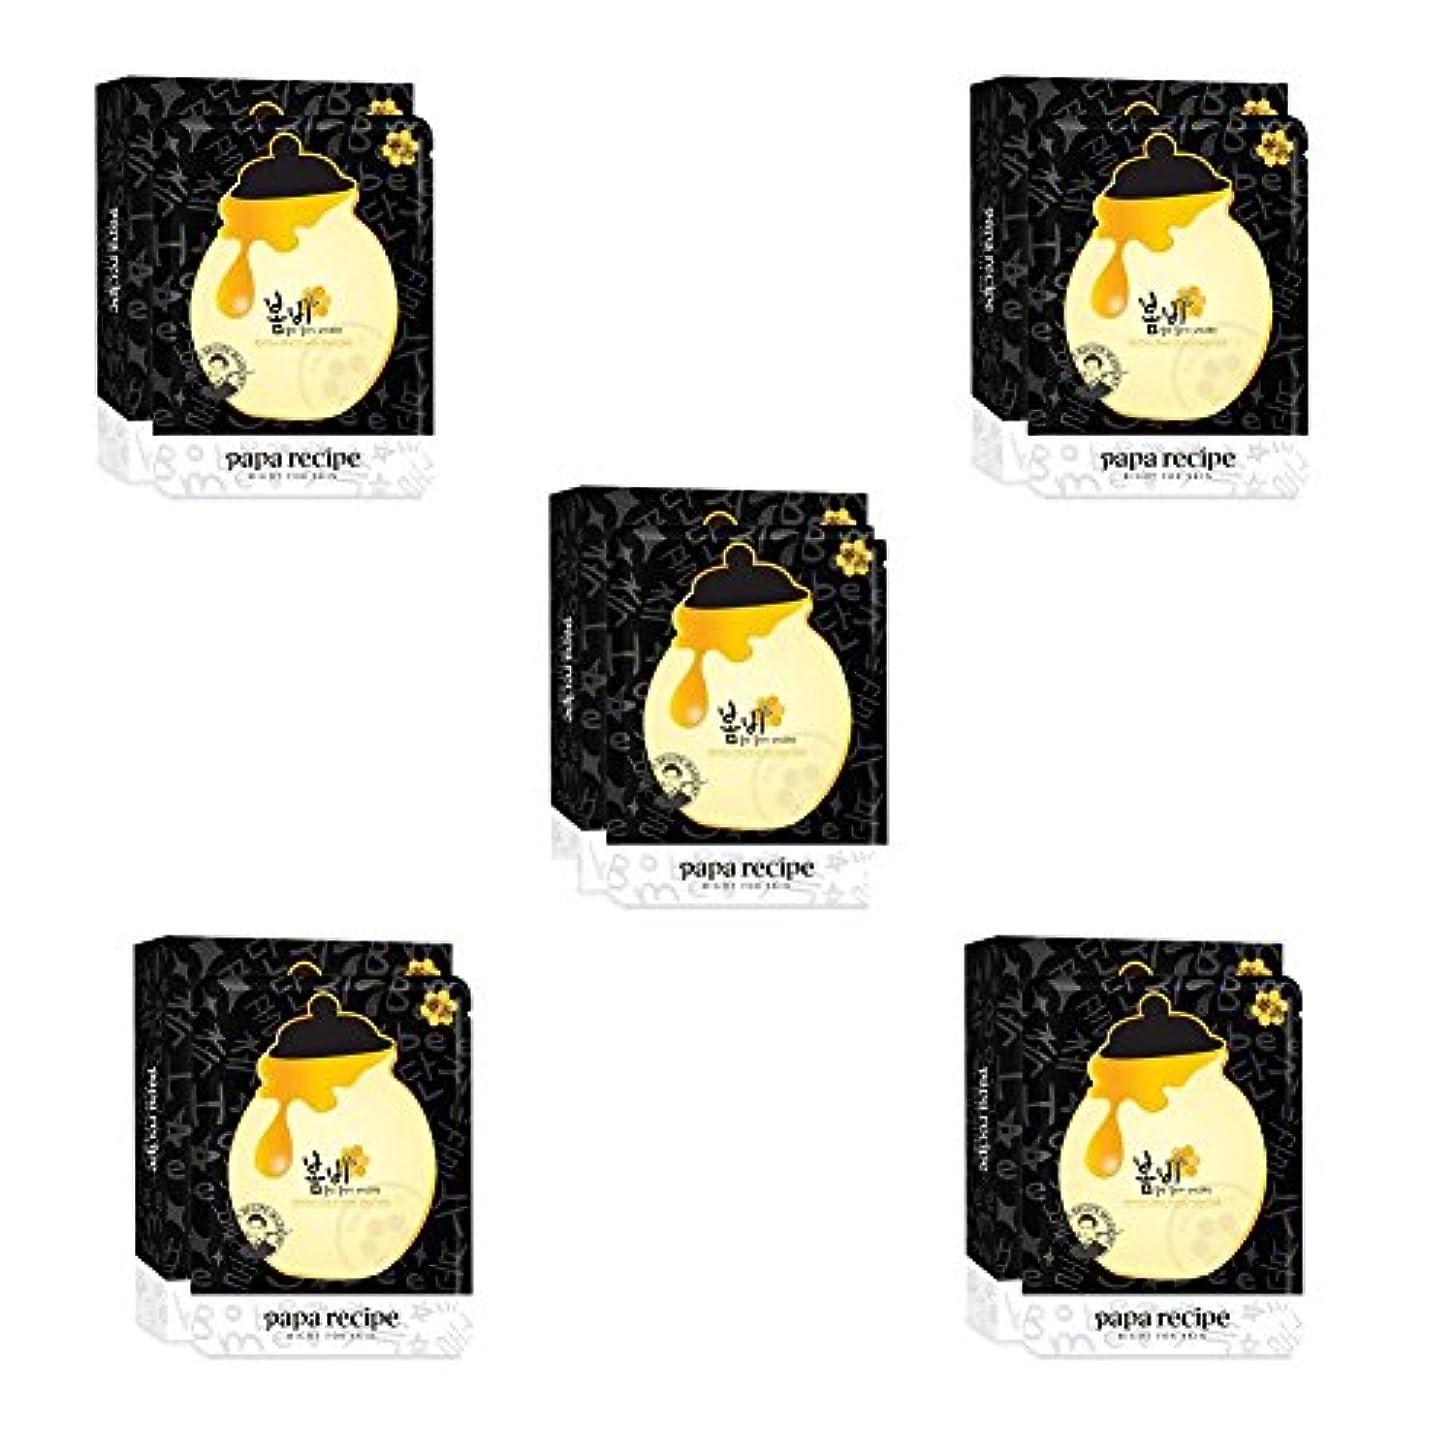 期間幽霊サイクルPapa Recipe Bombee Black Honey Mask Pack (10sheets X 5) パパレシピ ボムビー ブラックハニー マスクパック (10sheets X 5)